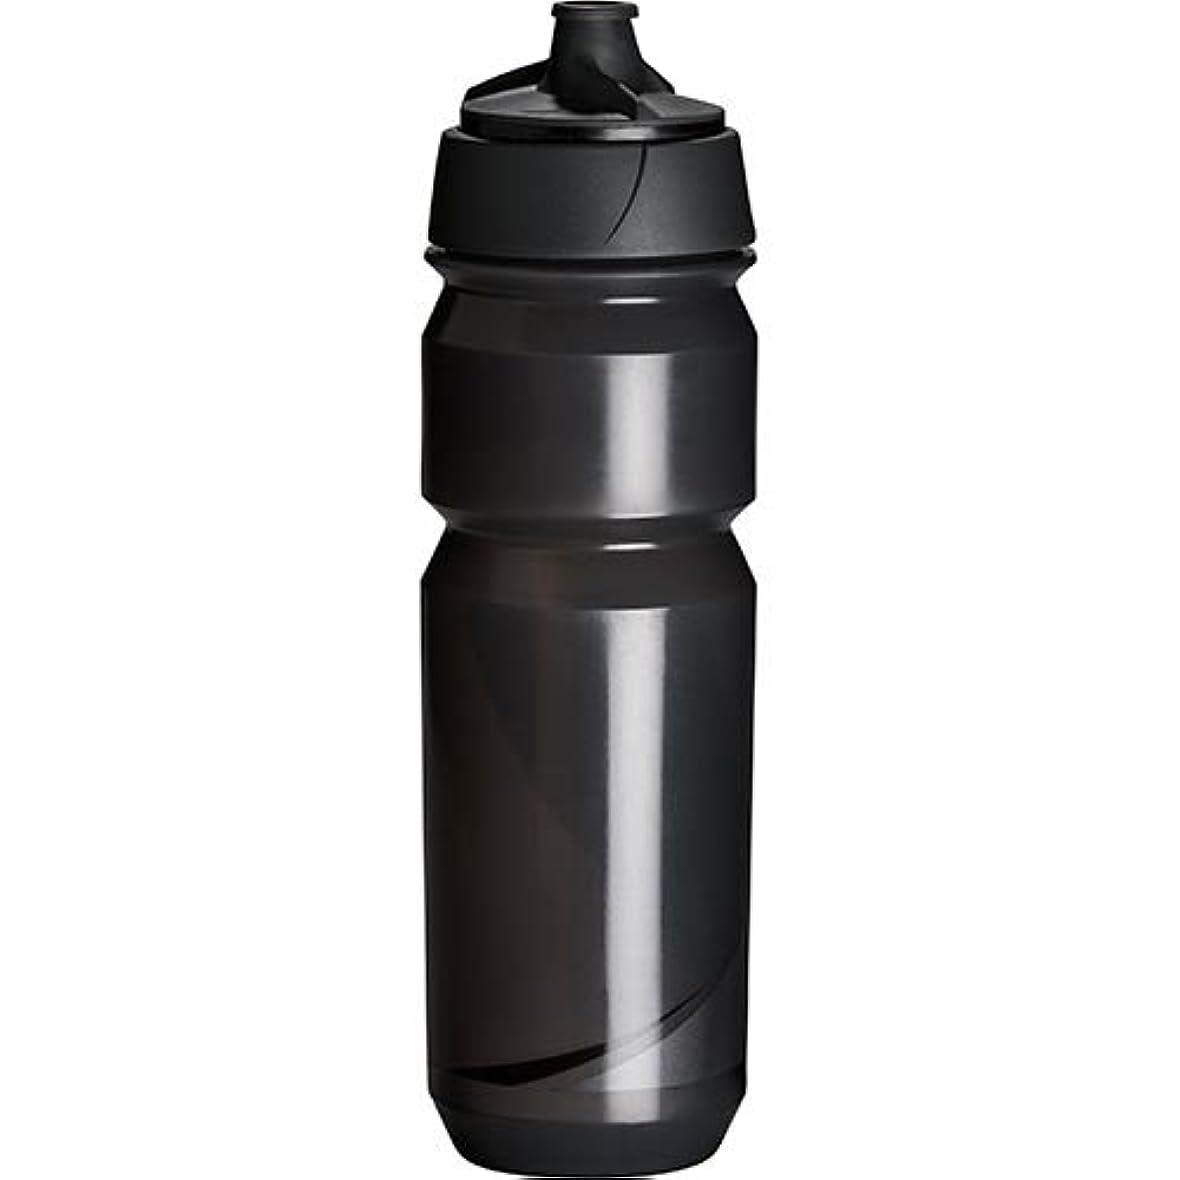 反発する名目上の宣伝Tacx(タックス) Shanti Twist SMOKE/BLK 750 ボトル スモーク/ブラック サイクルボトル